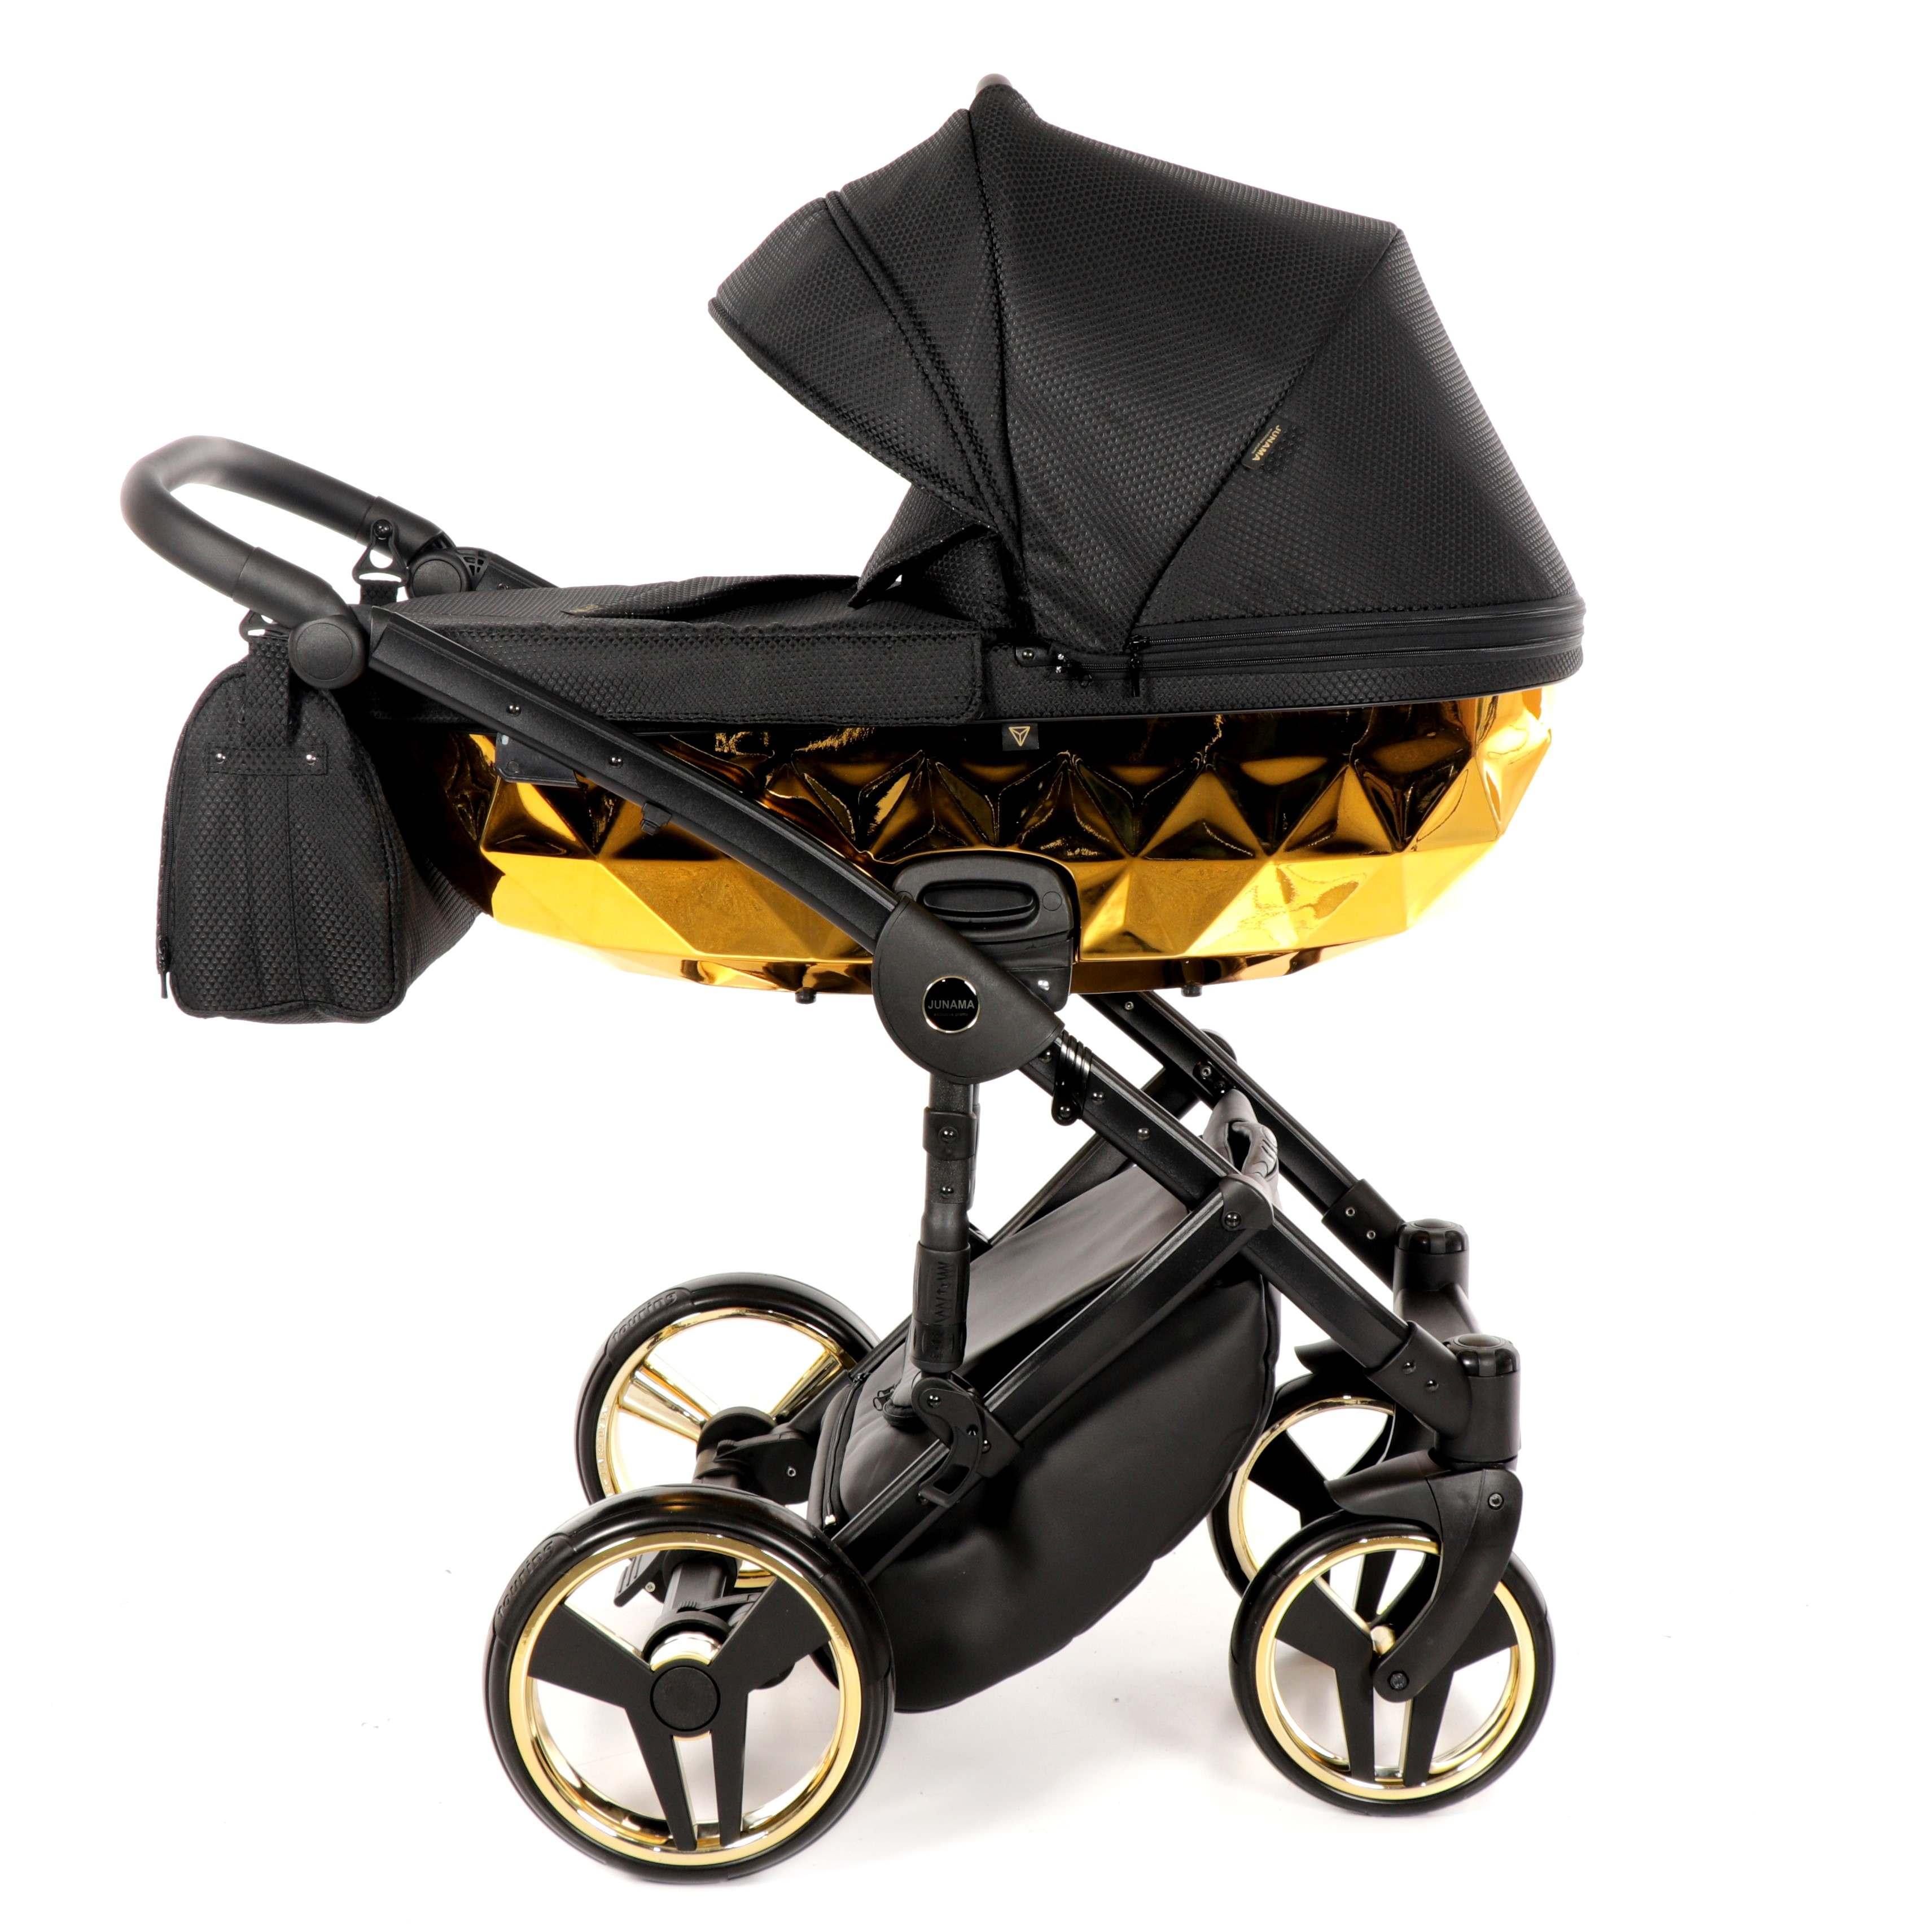 wielofunkcyjny Mirror Błysk wózek dziecięcy Junama złoty 02